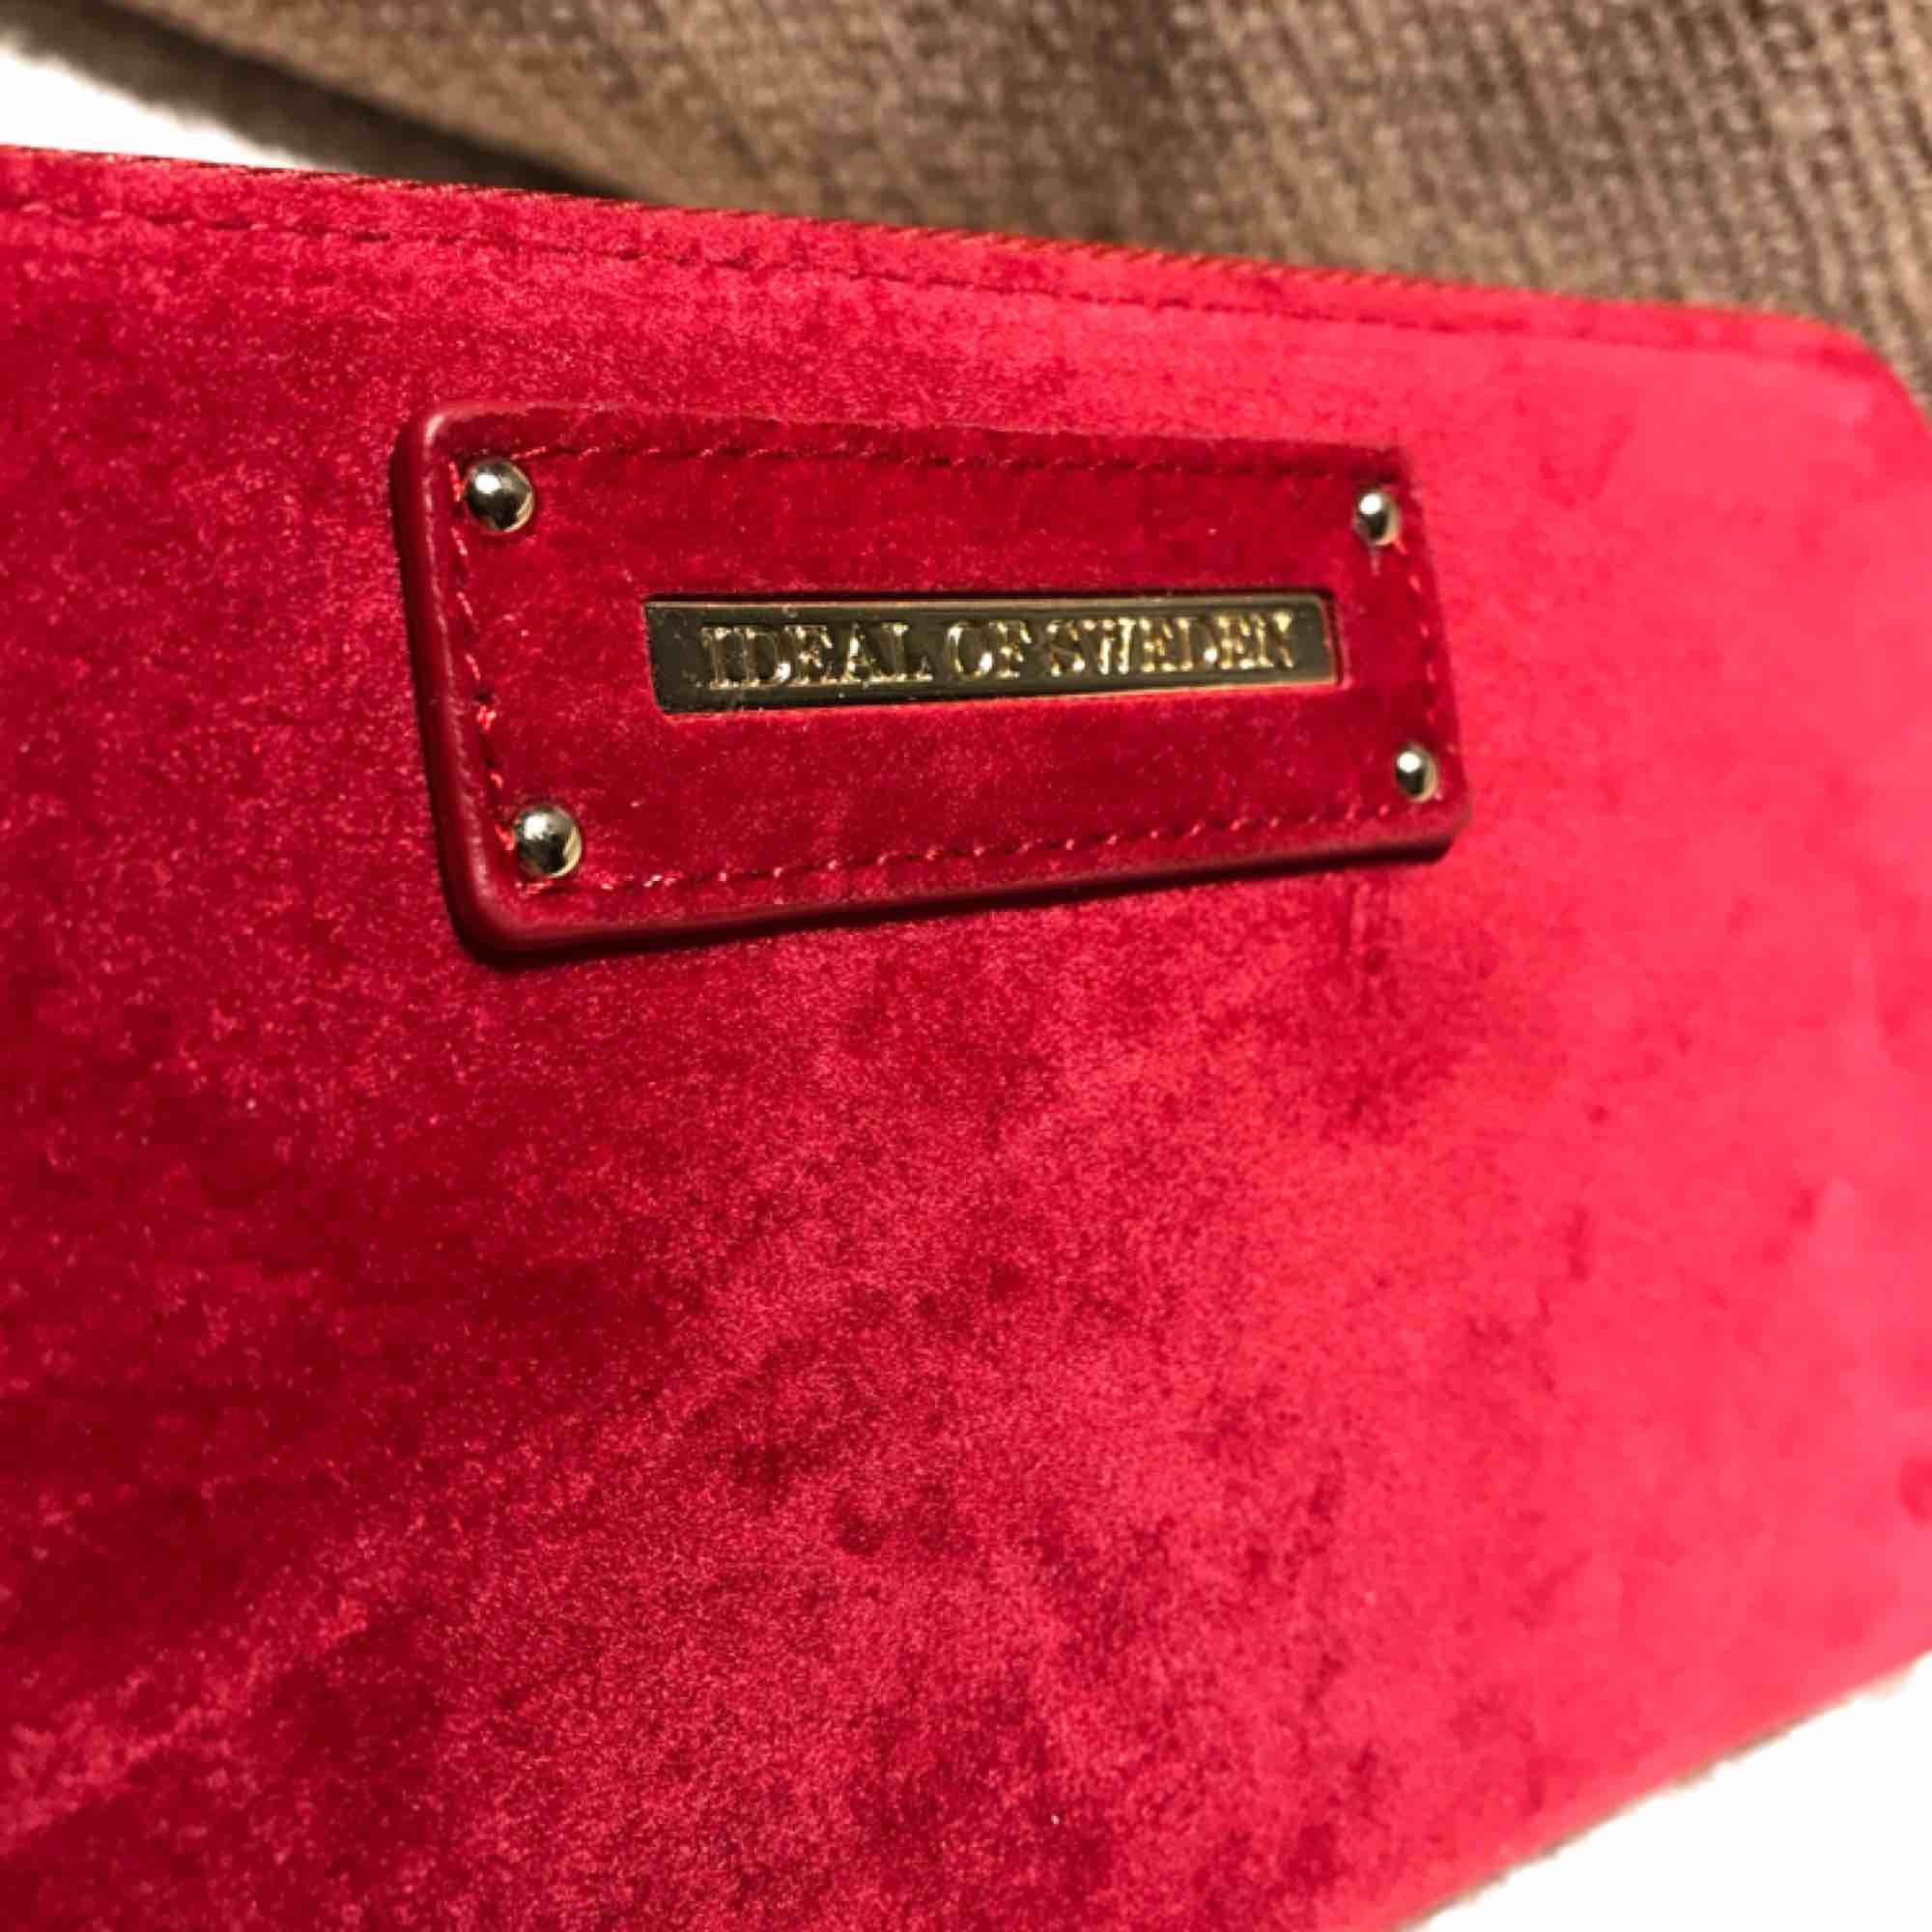 Plånbok från ideal of sweden Chelsea Wristlet red velvet Plånboken har aldrig använts men har en repa på framsidan, svår att märka om man inte letar efter den (bild 2) Nypris 699. Accessoarer.